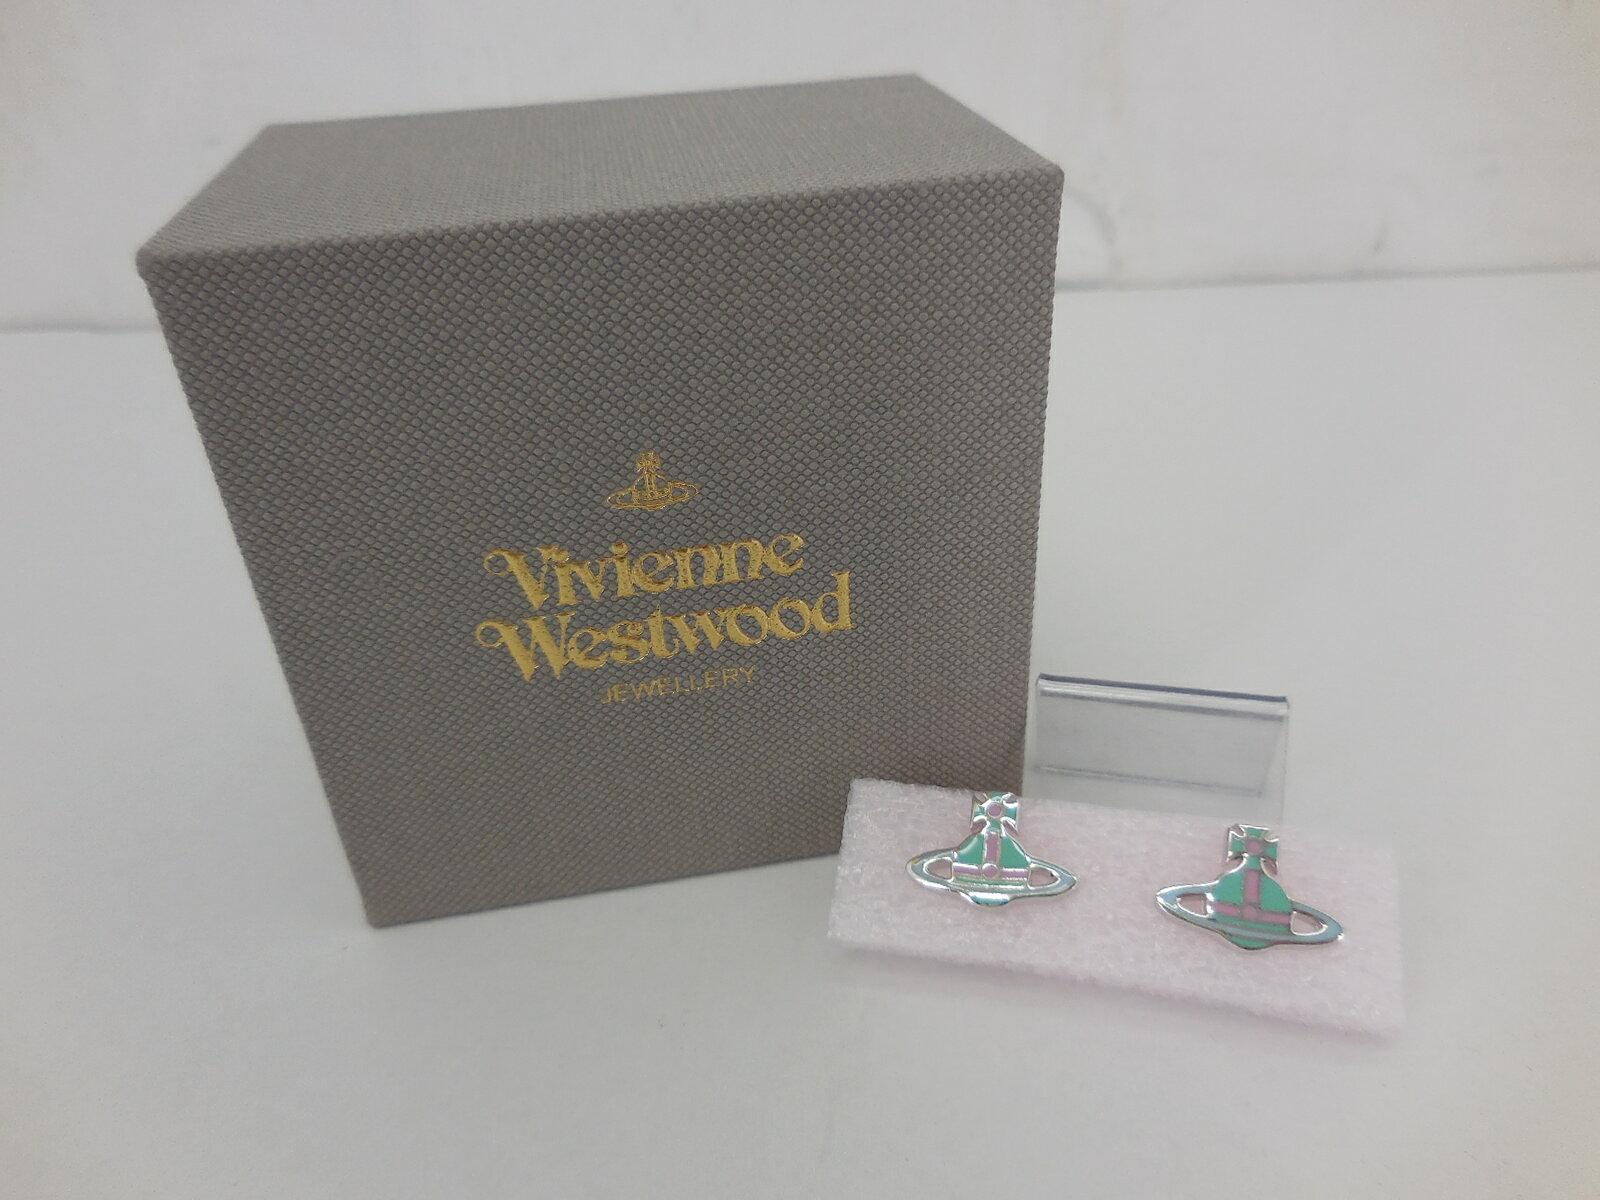 【値下げしました】Vivienne Westwood ケイト ピアス ヴィヴィアンウエストウッド グリーン×ピンク